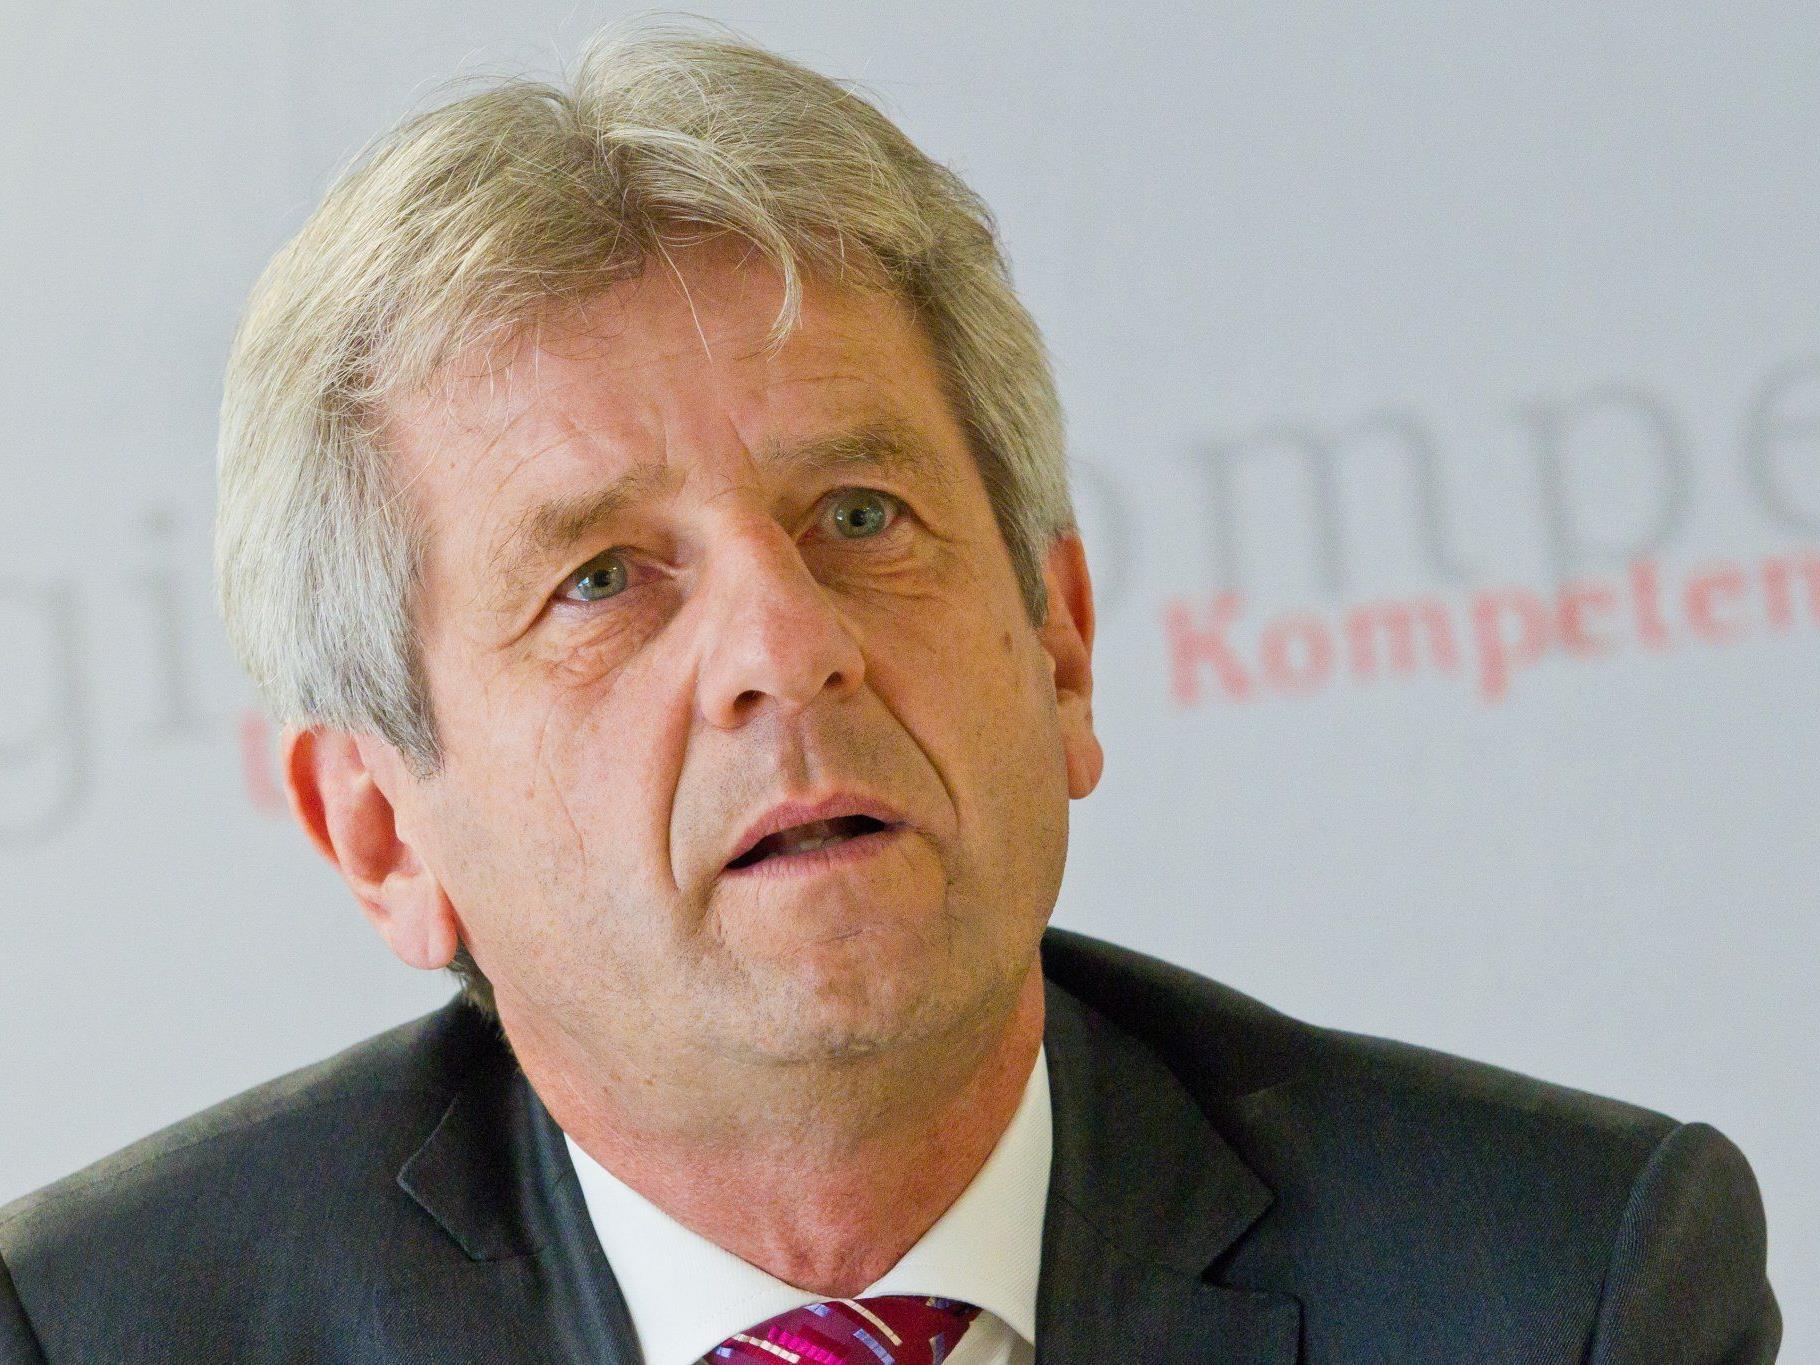 Landes-Rechnungs-Direktor Herbert Schmalhardt